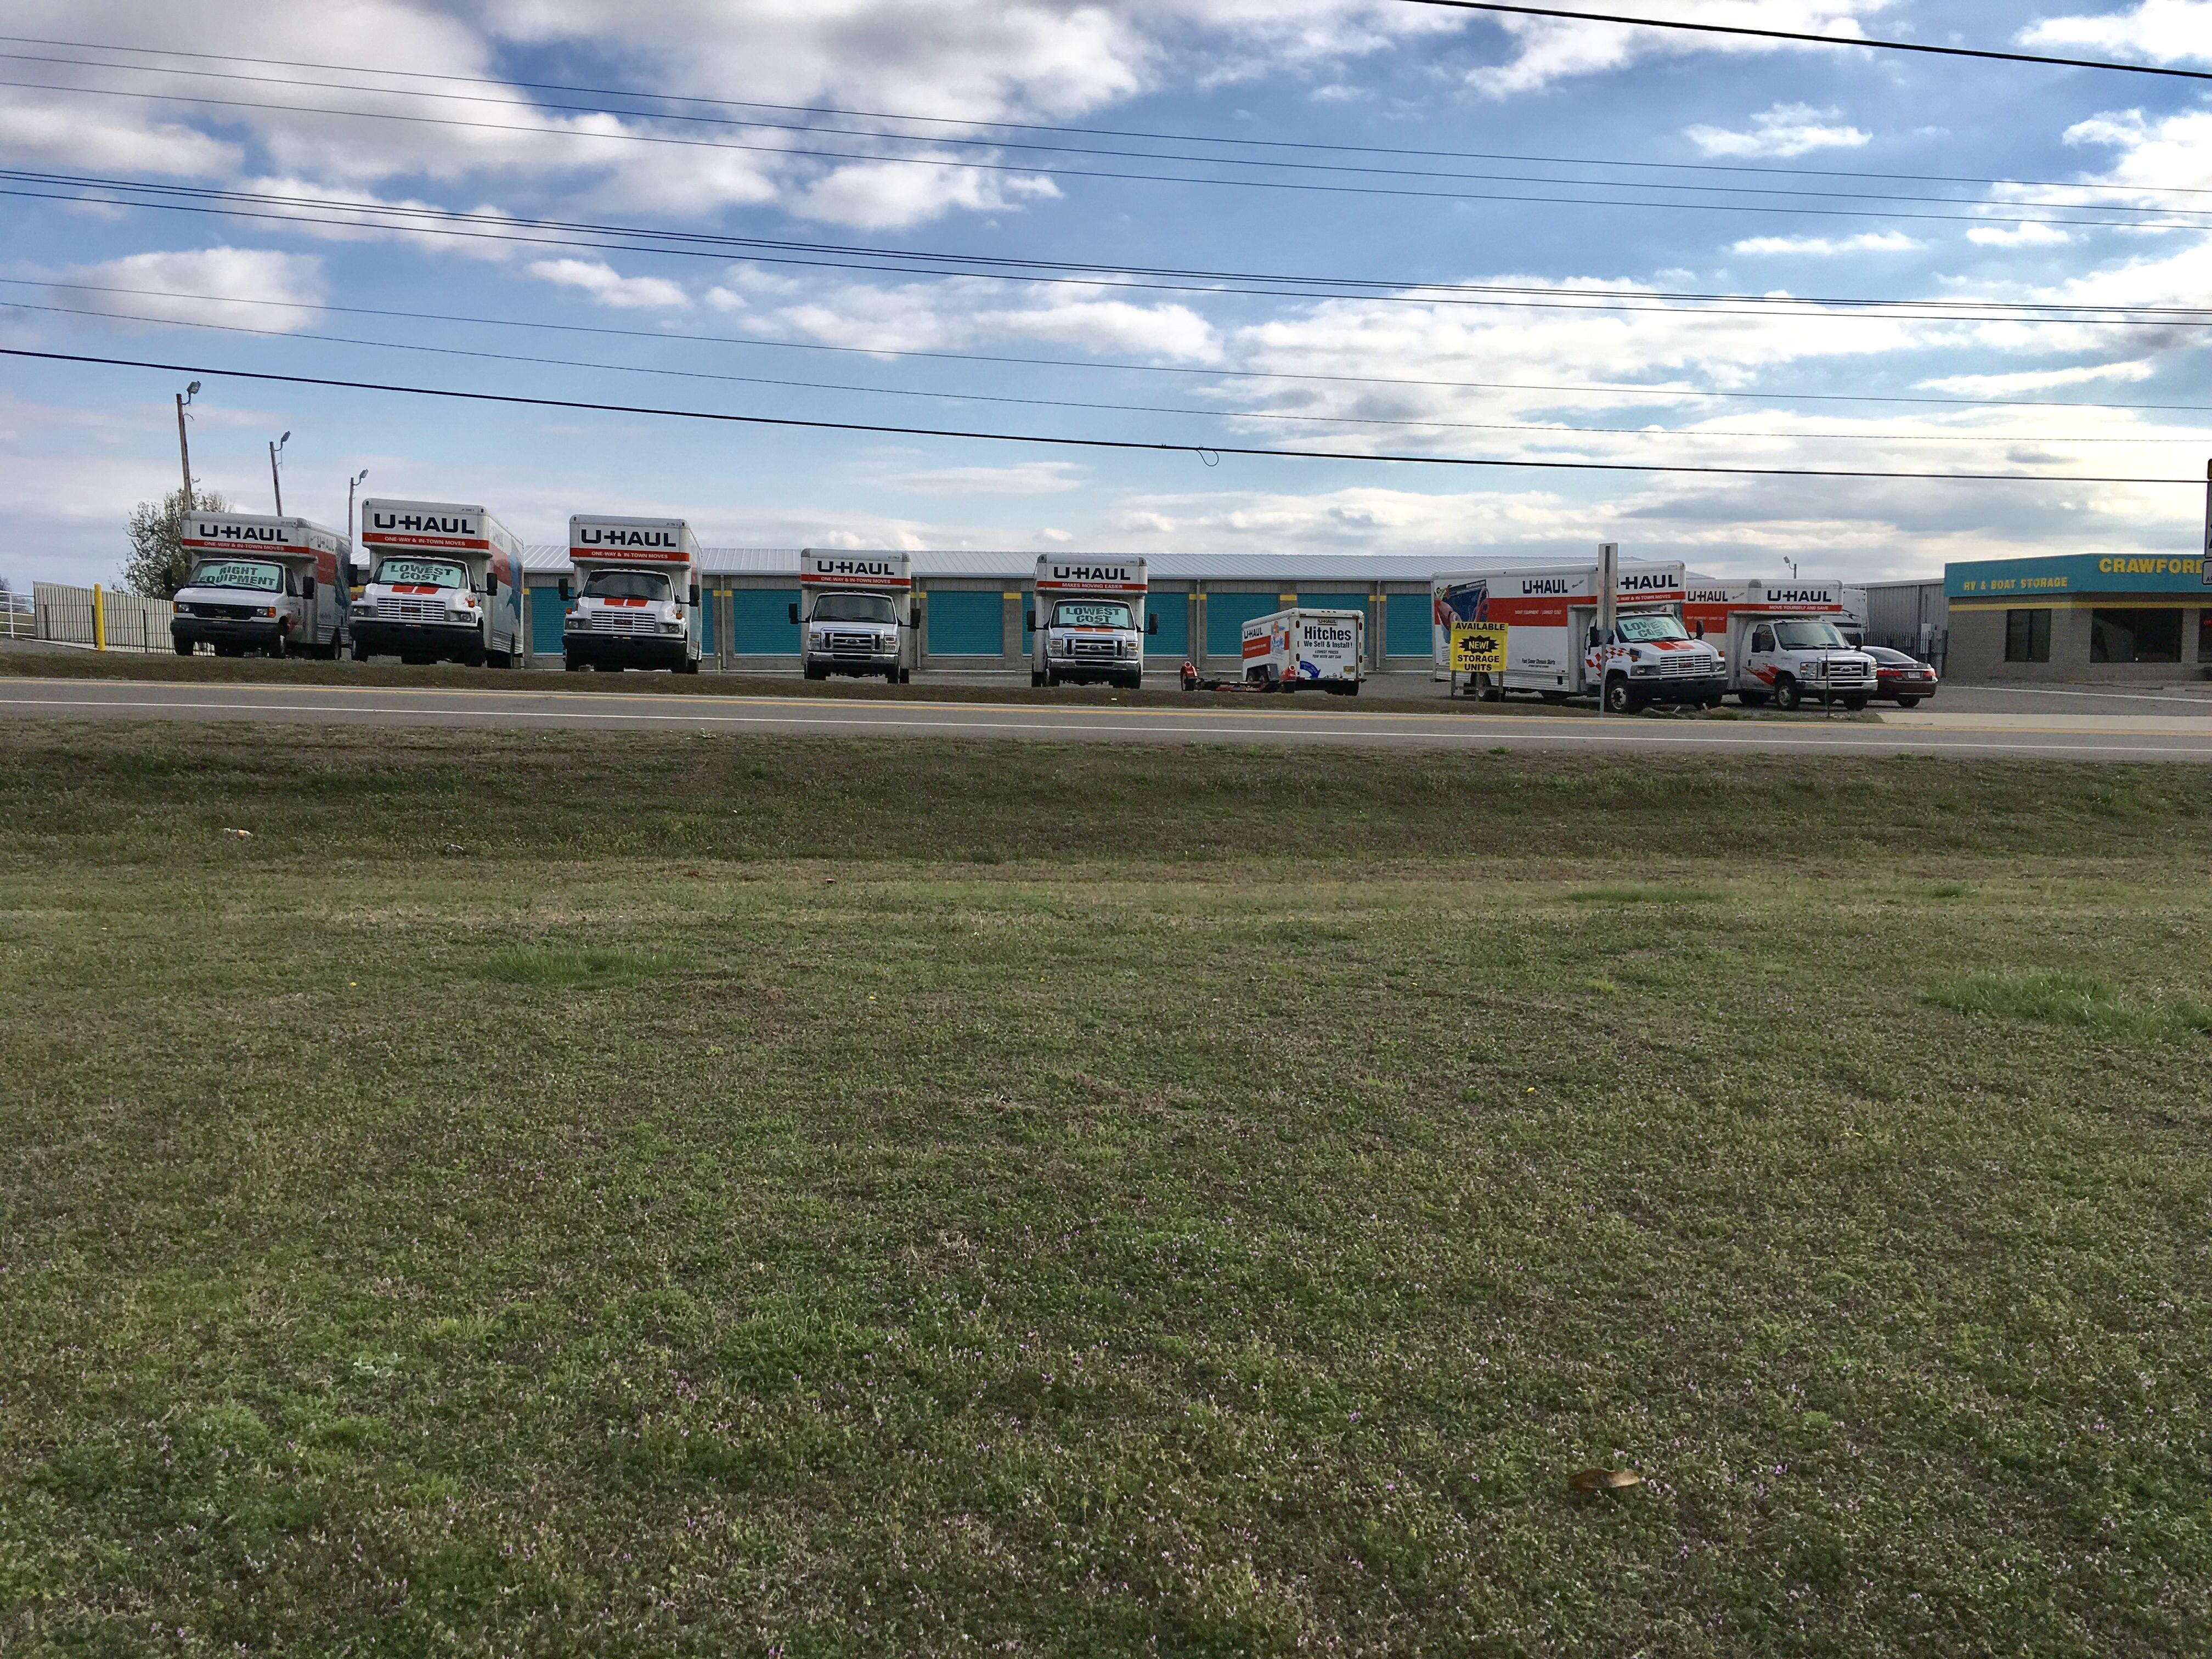 uhaul trucks for rent